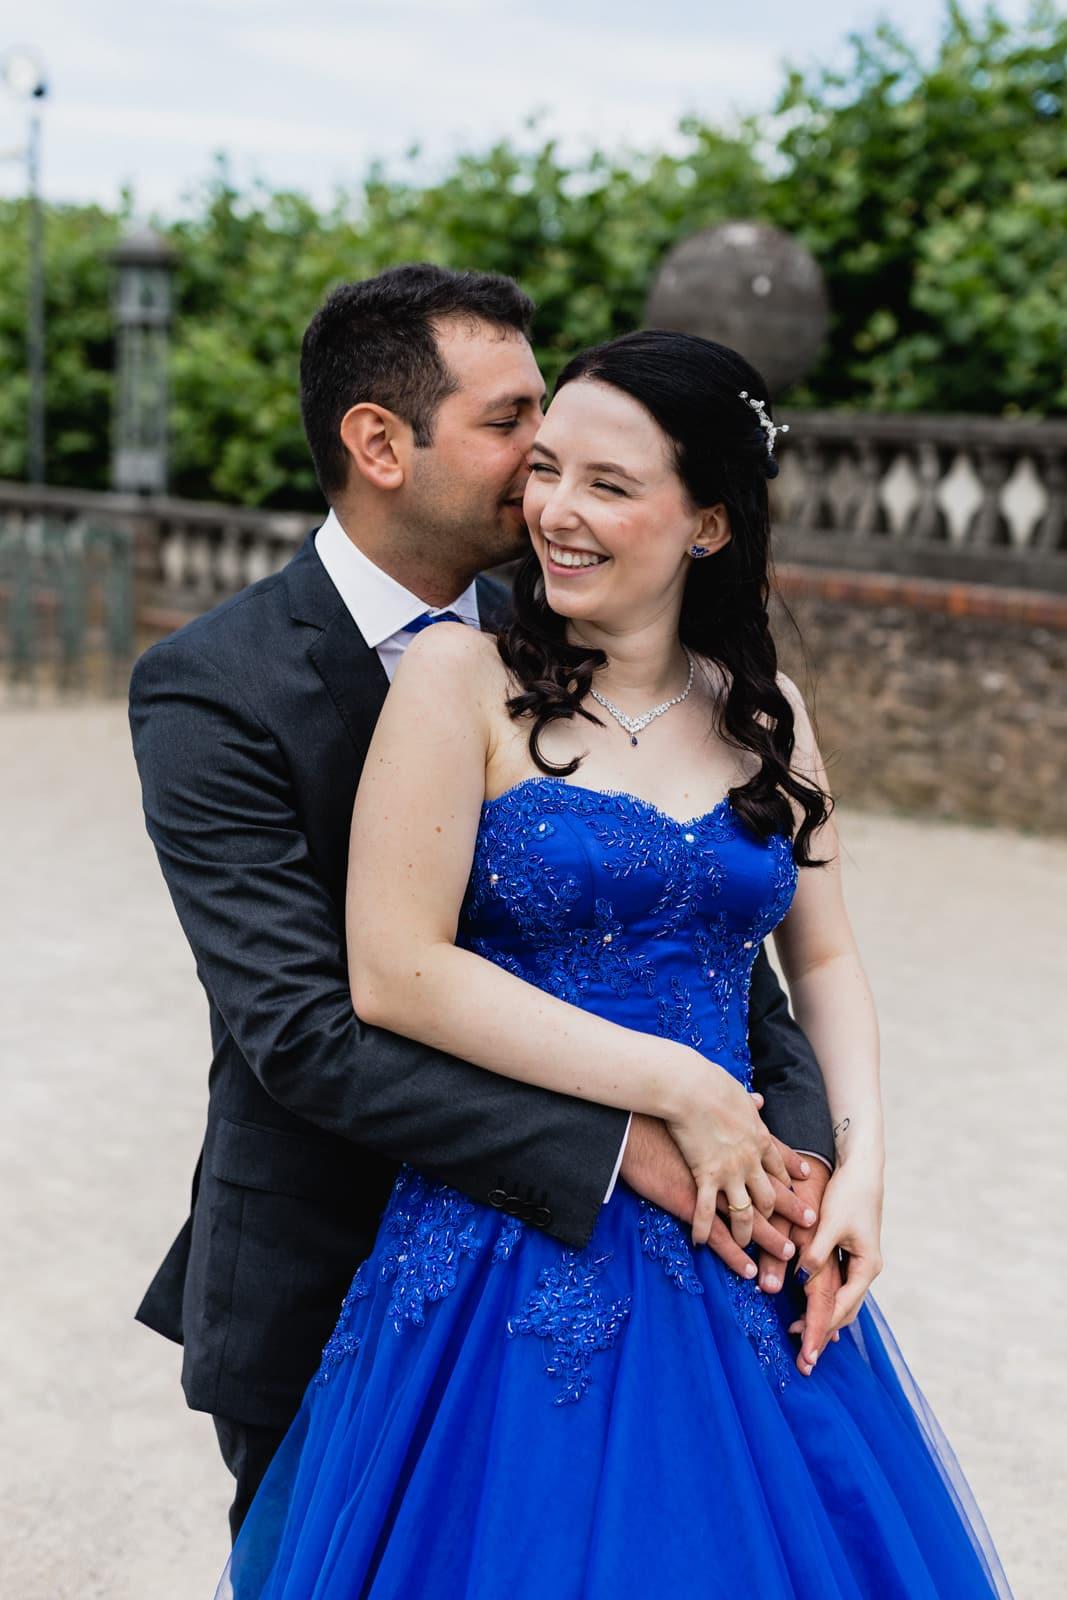 Mann und Frau tanzen auf der Mathildenhöhe in Darmstadt